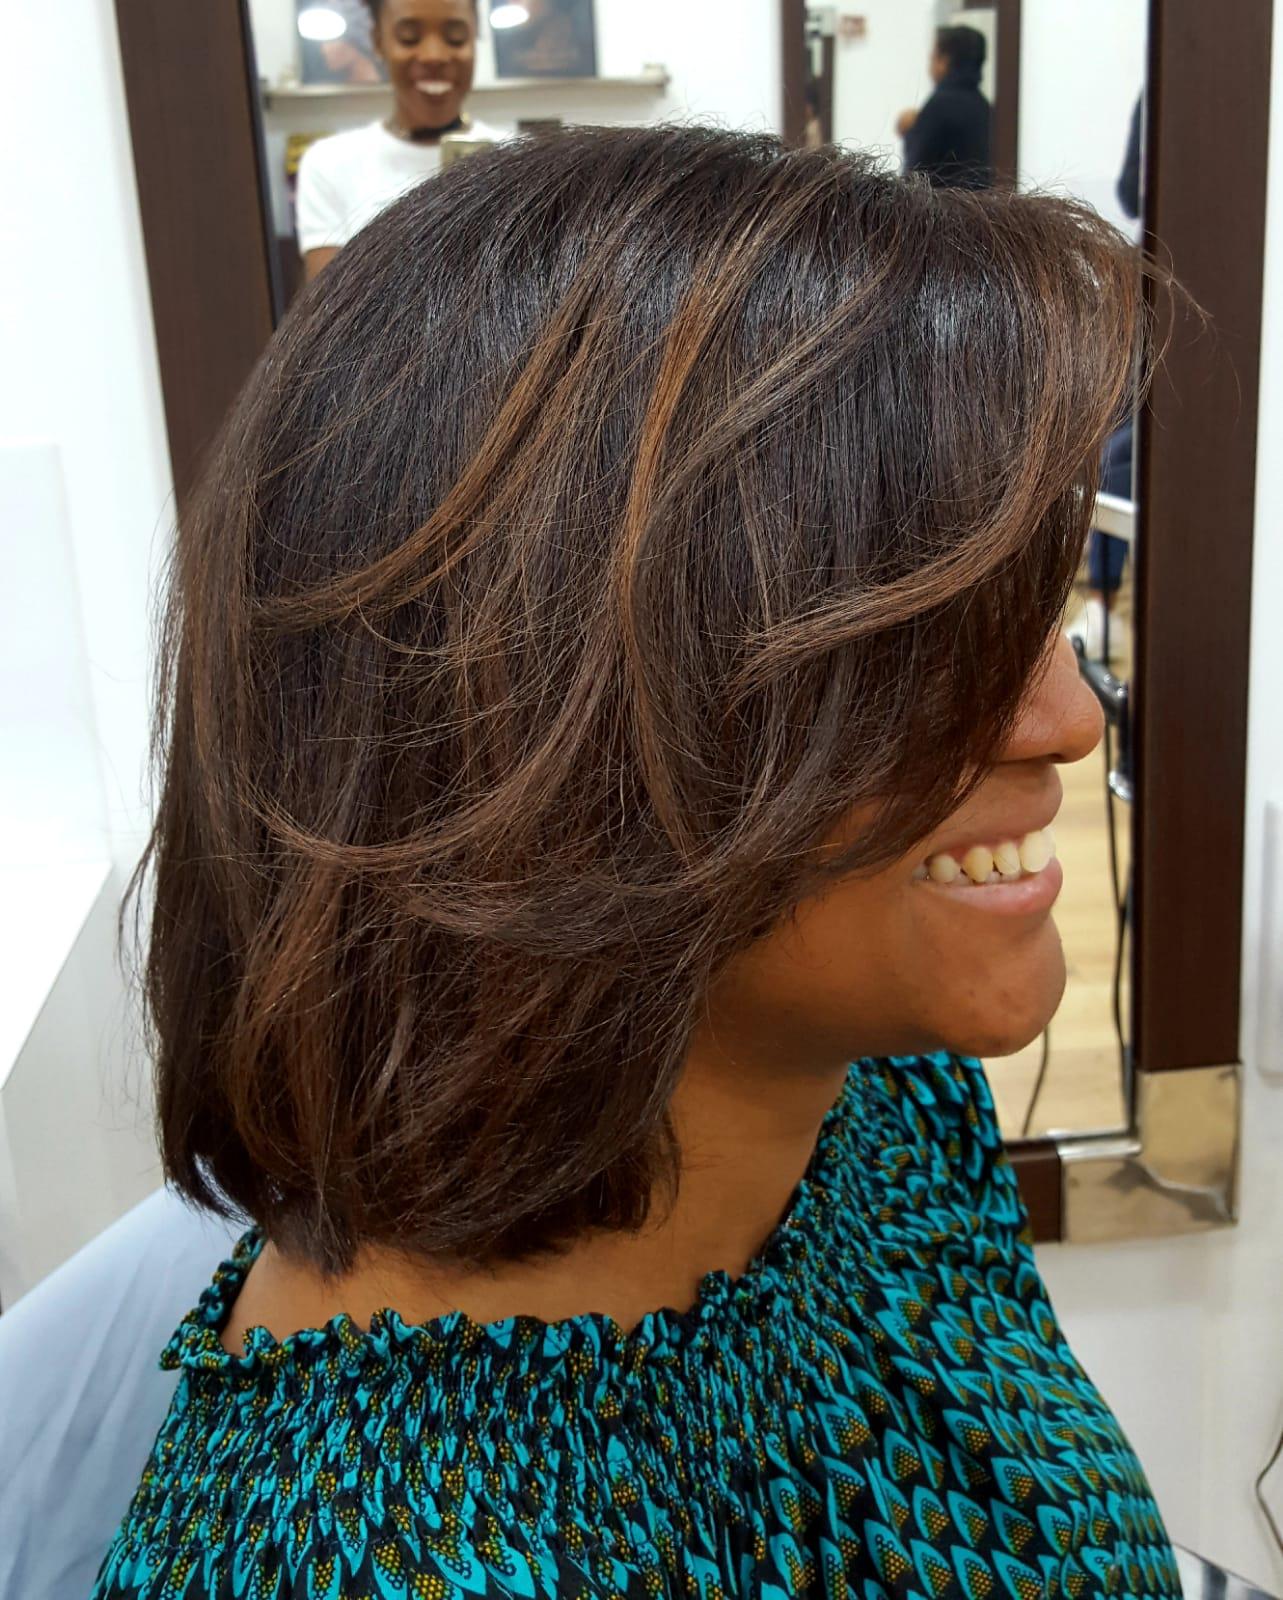 salon de coiffure afro tresse tresses box braids crochet braids vanilles tissages paris 75 77 78 91 92 93 94 95 NWYHTCUB